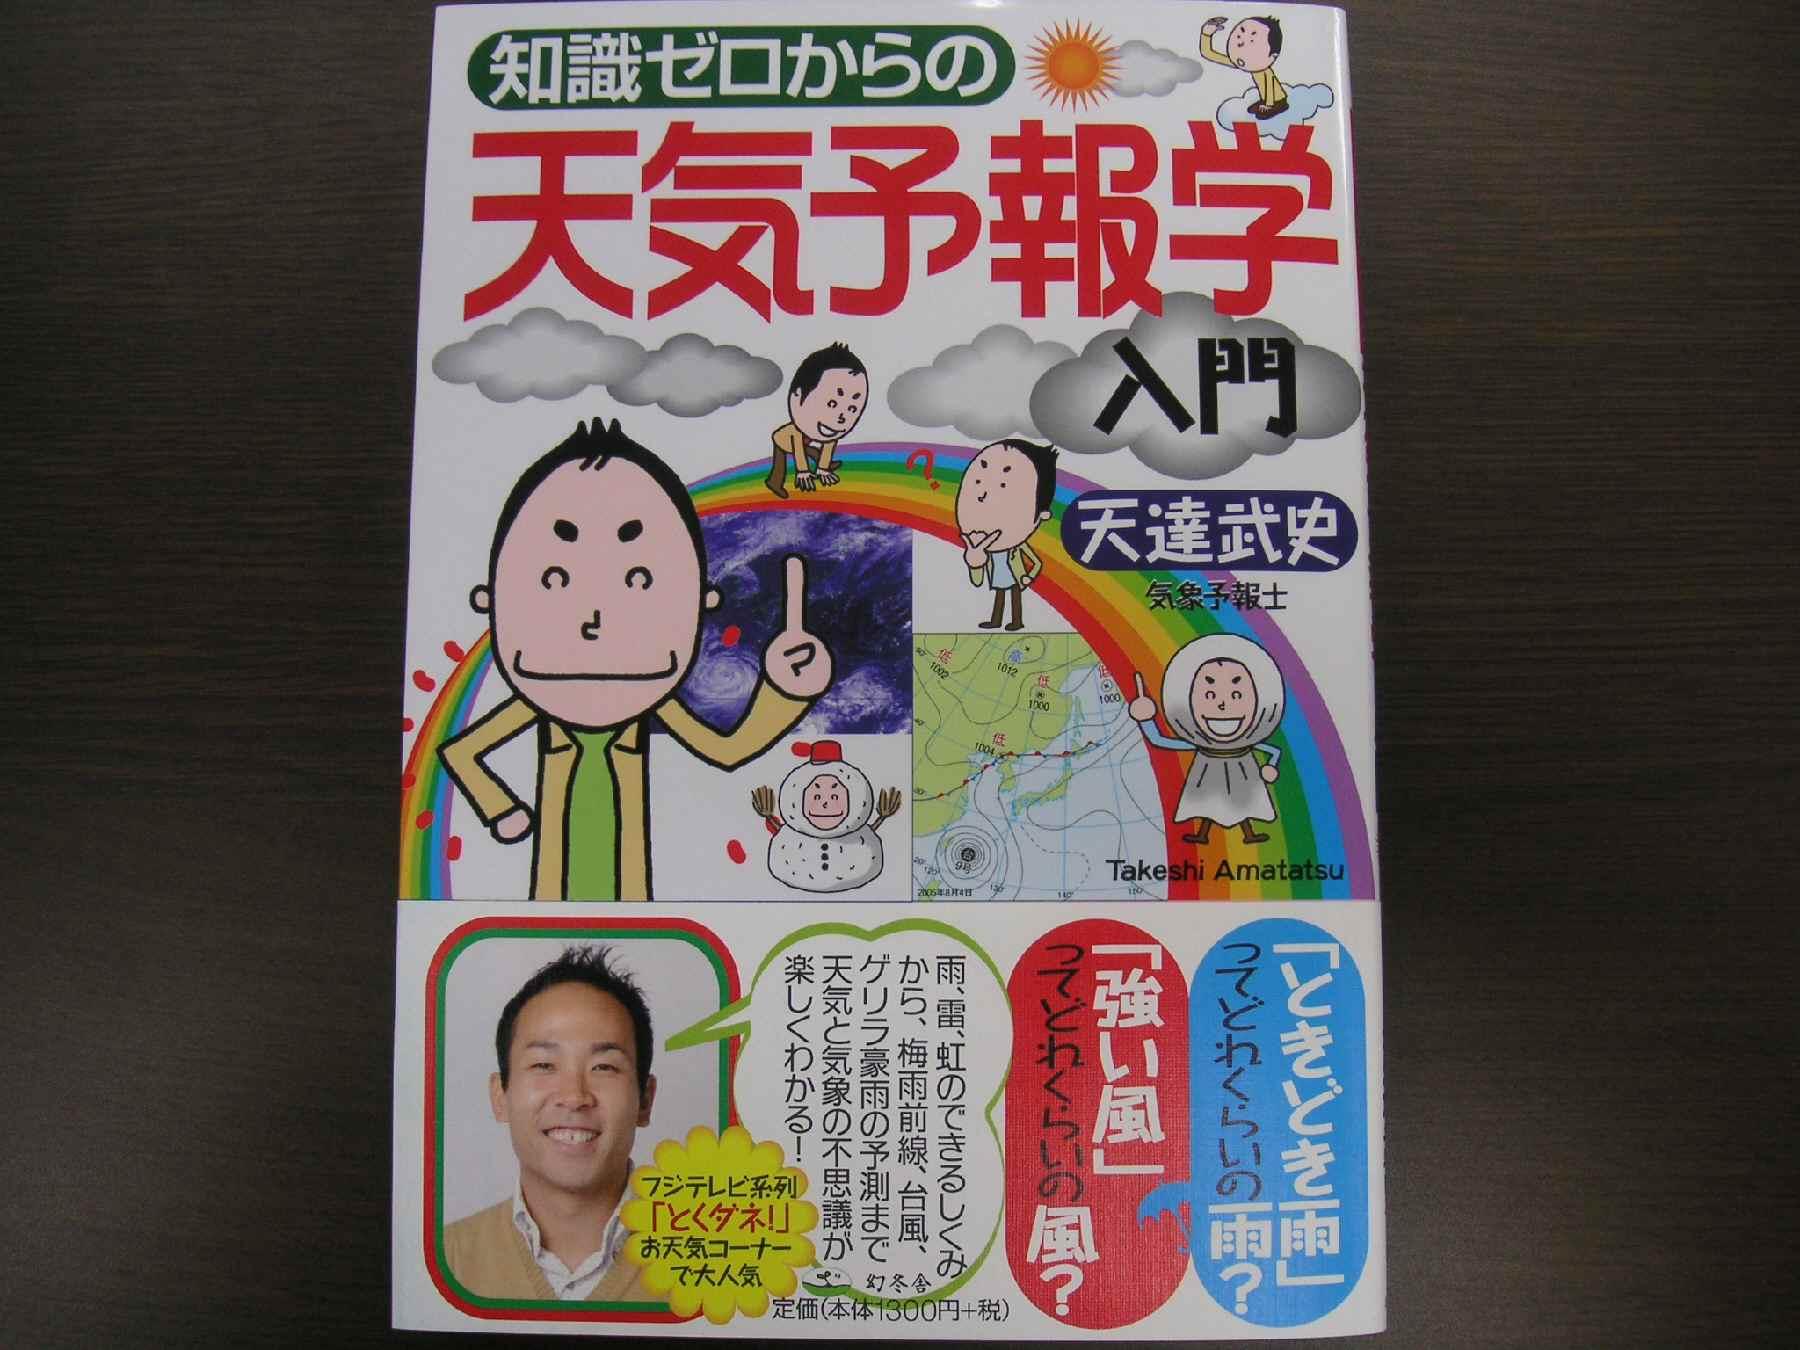 「ヒカリ乳業株式会社」(山口)冷凍食品生産における技術職